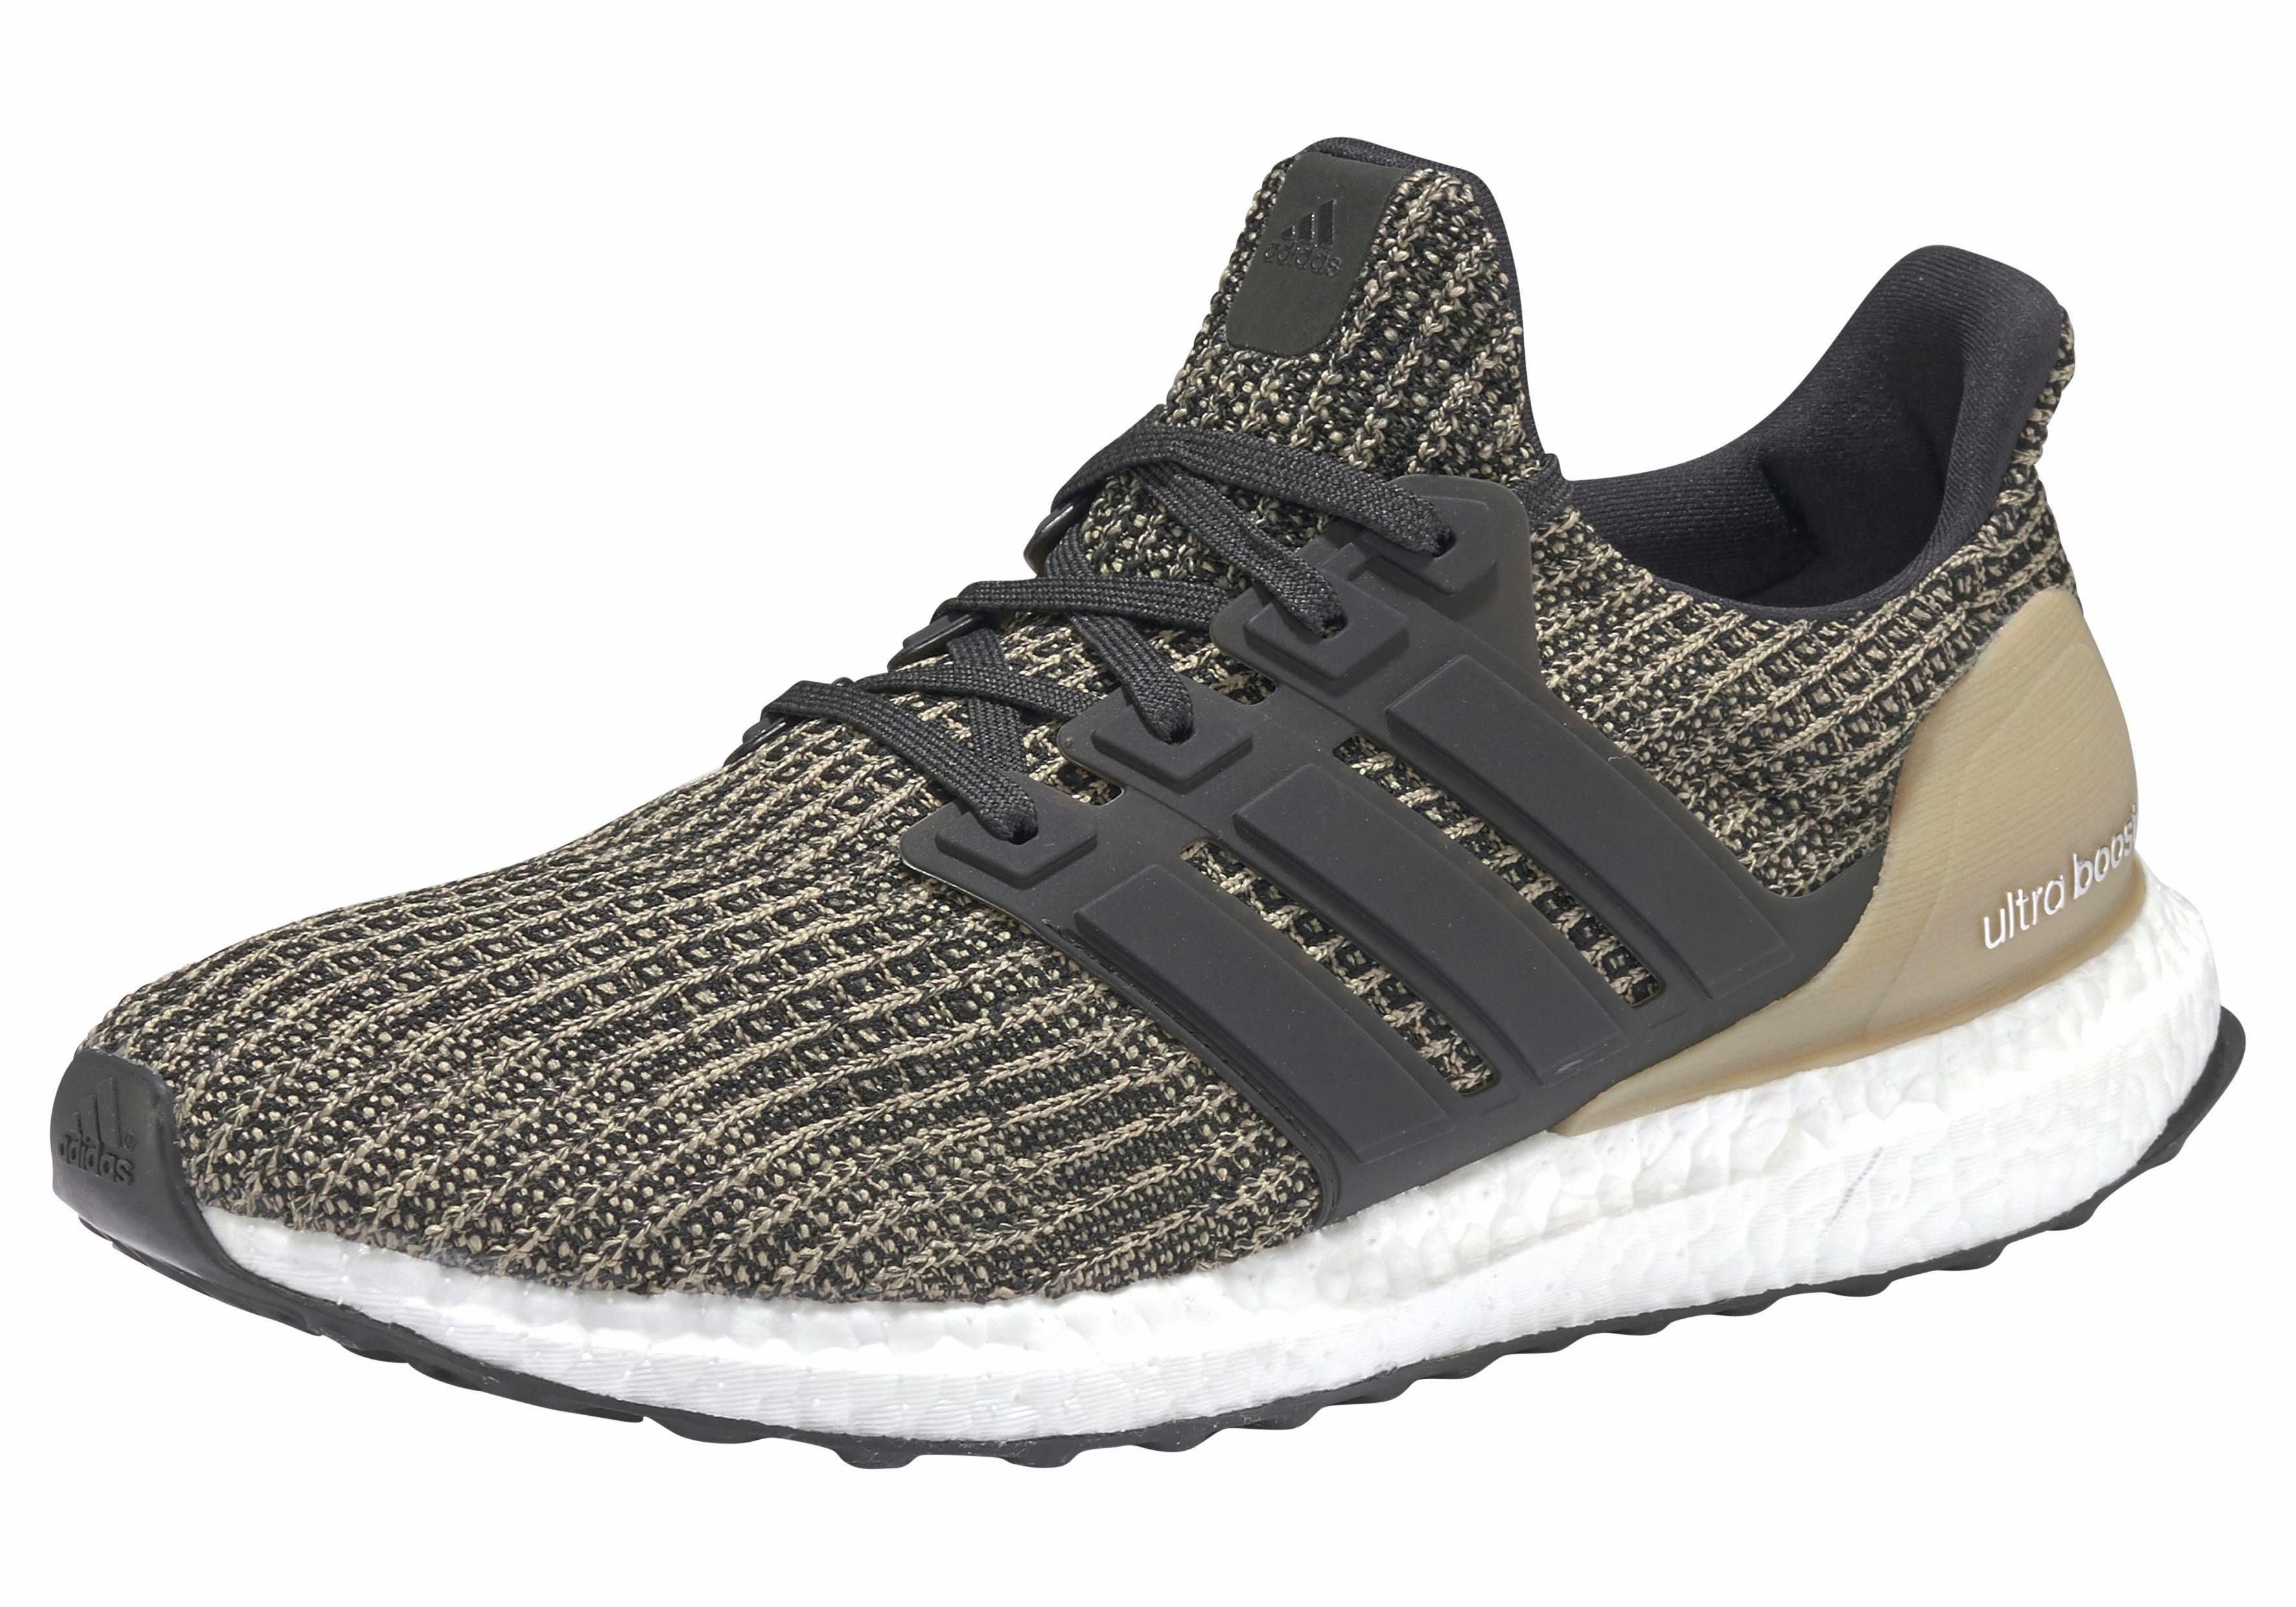 Otto Herren Adidas Adidas Herren Herren Schuhe Adidas Otto